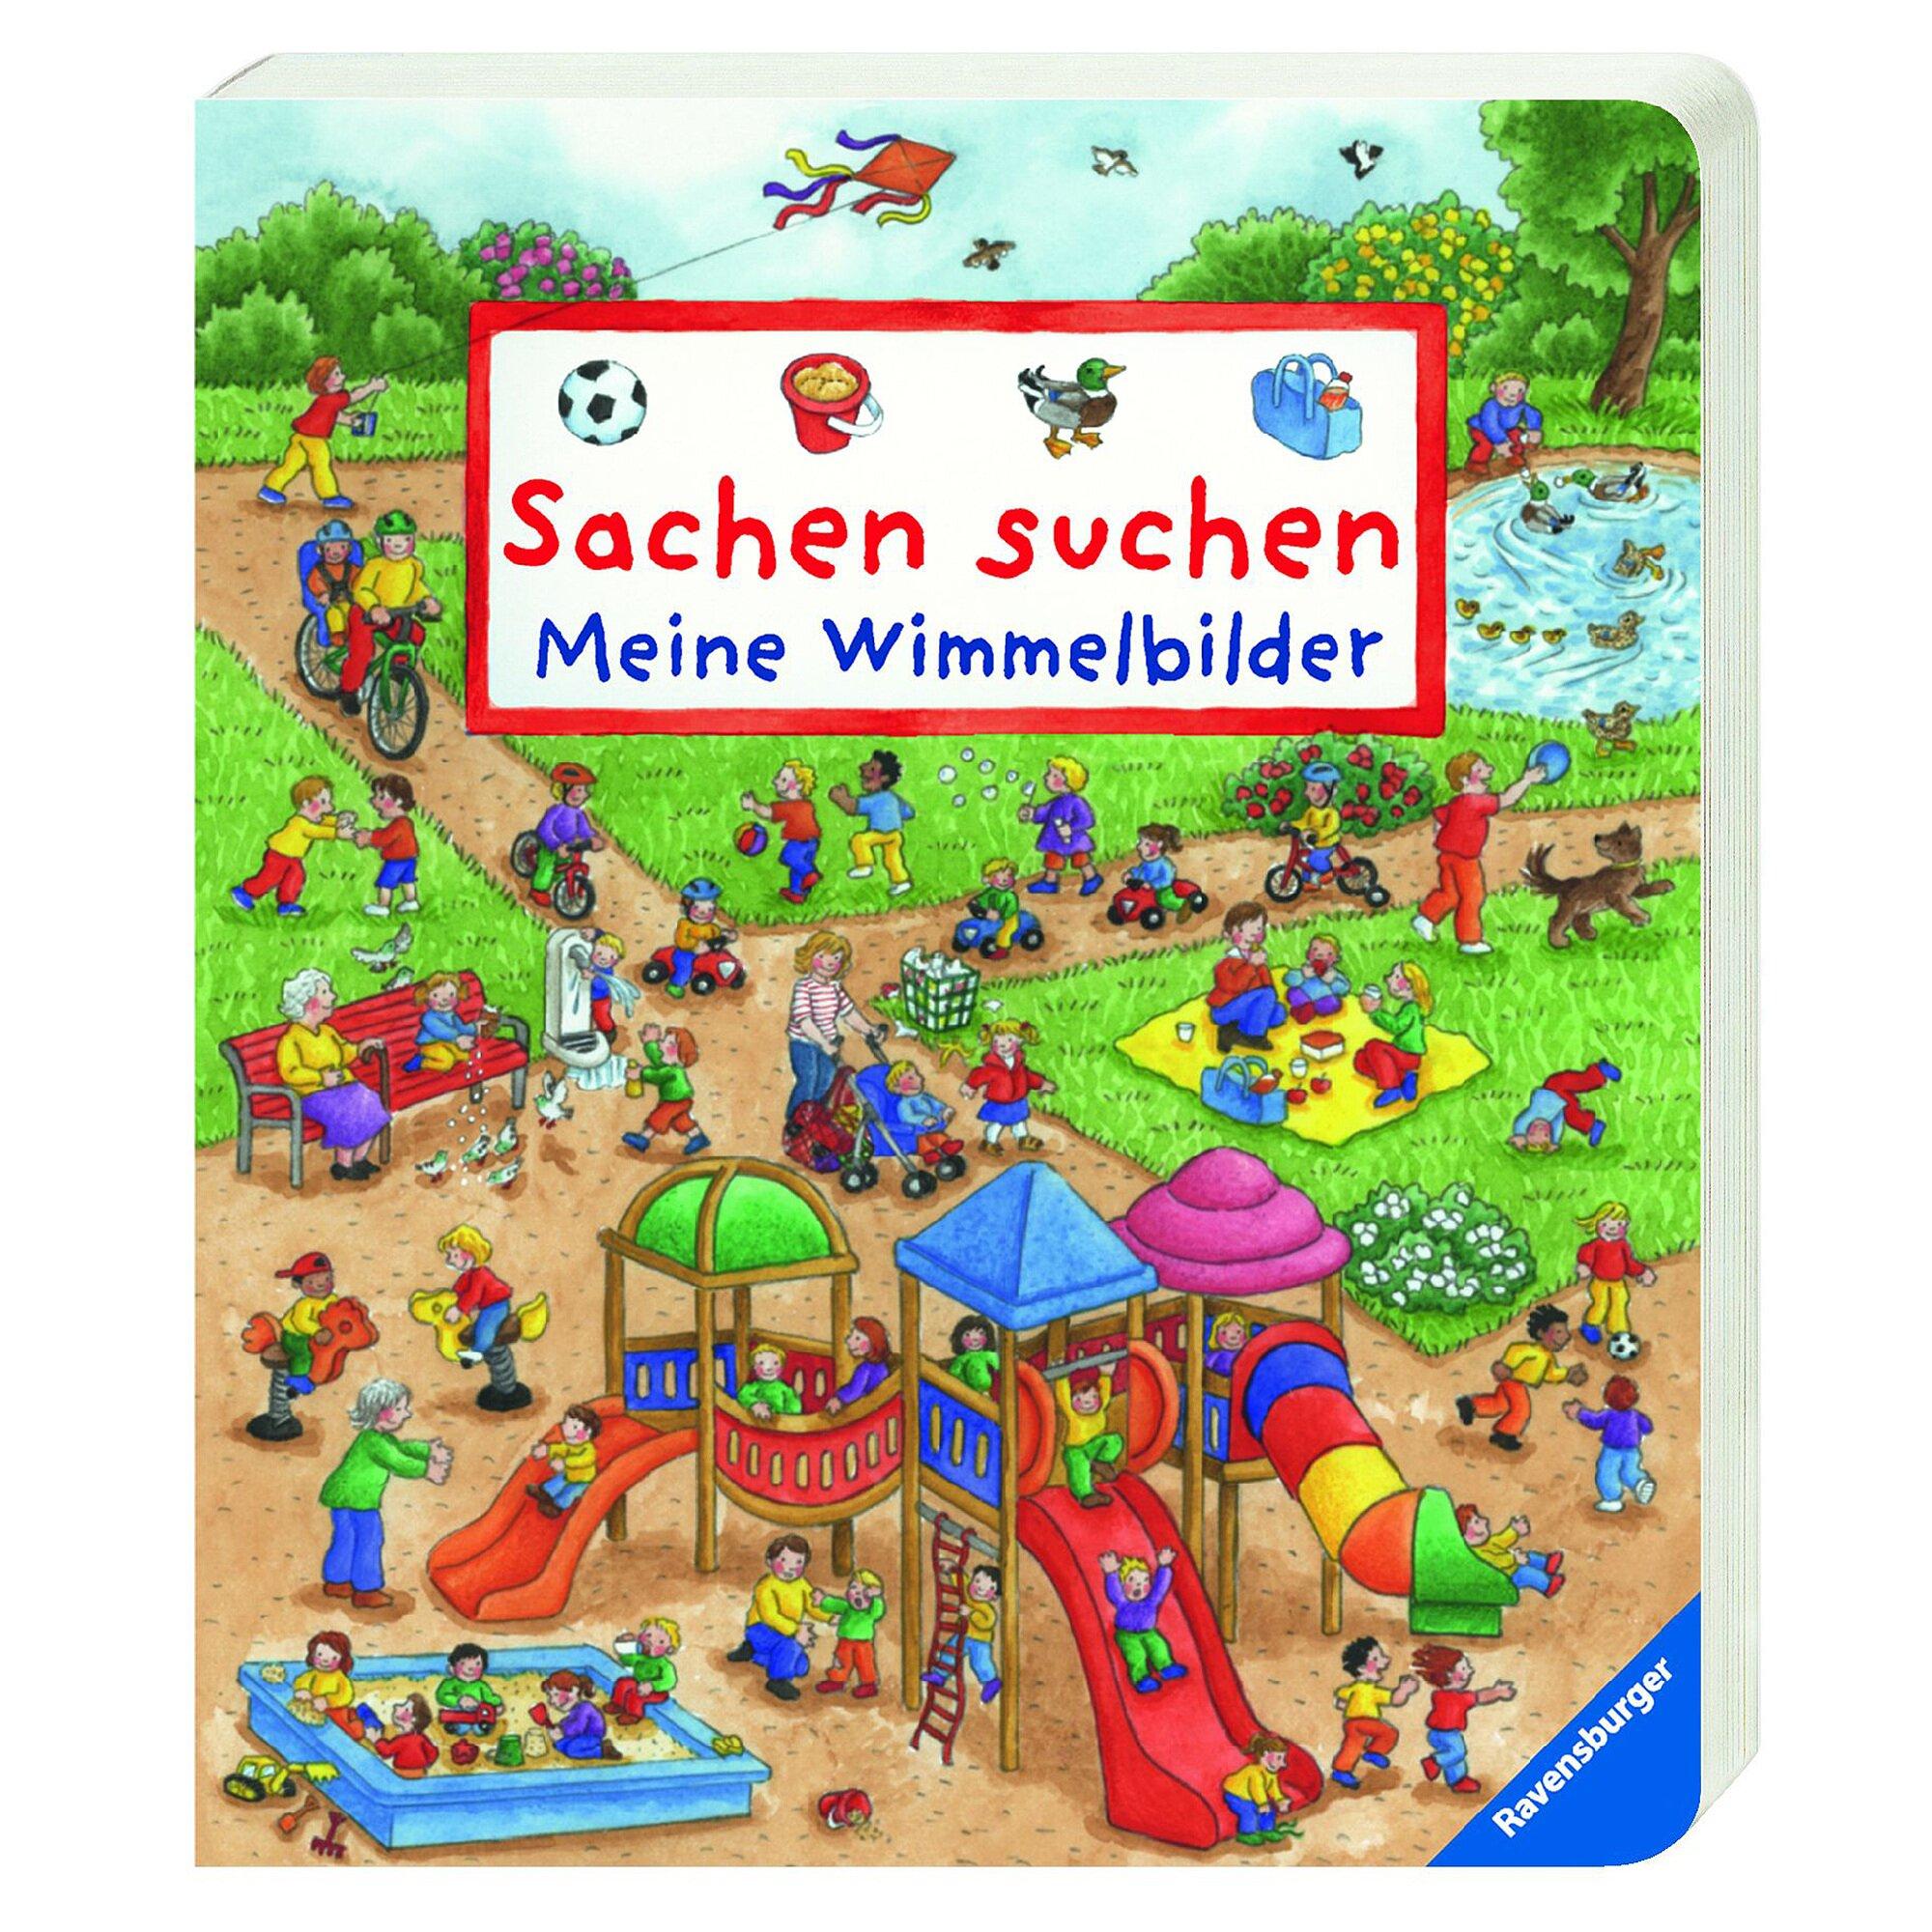 Ravensburger Wimmelbuch-Sachen suchen: Meine Wimmelbilder